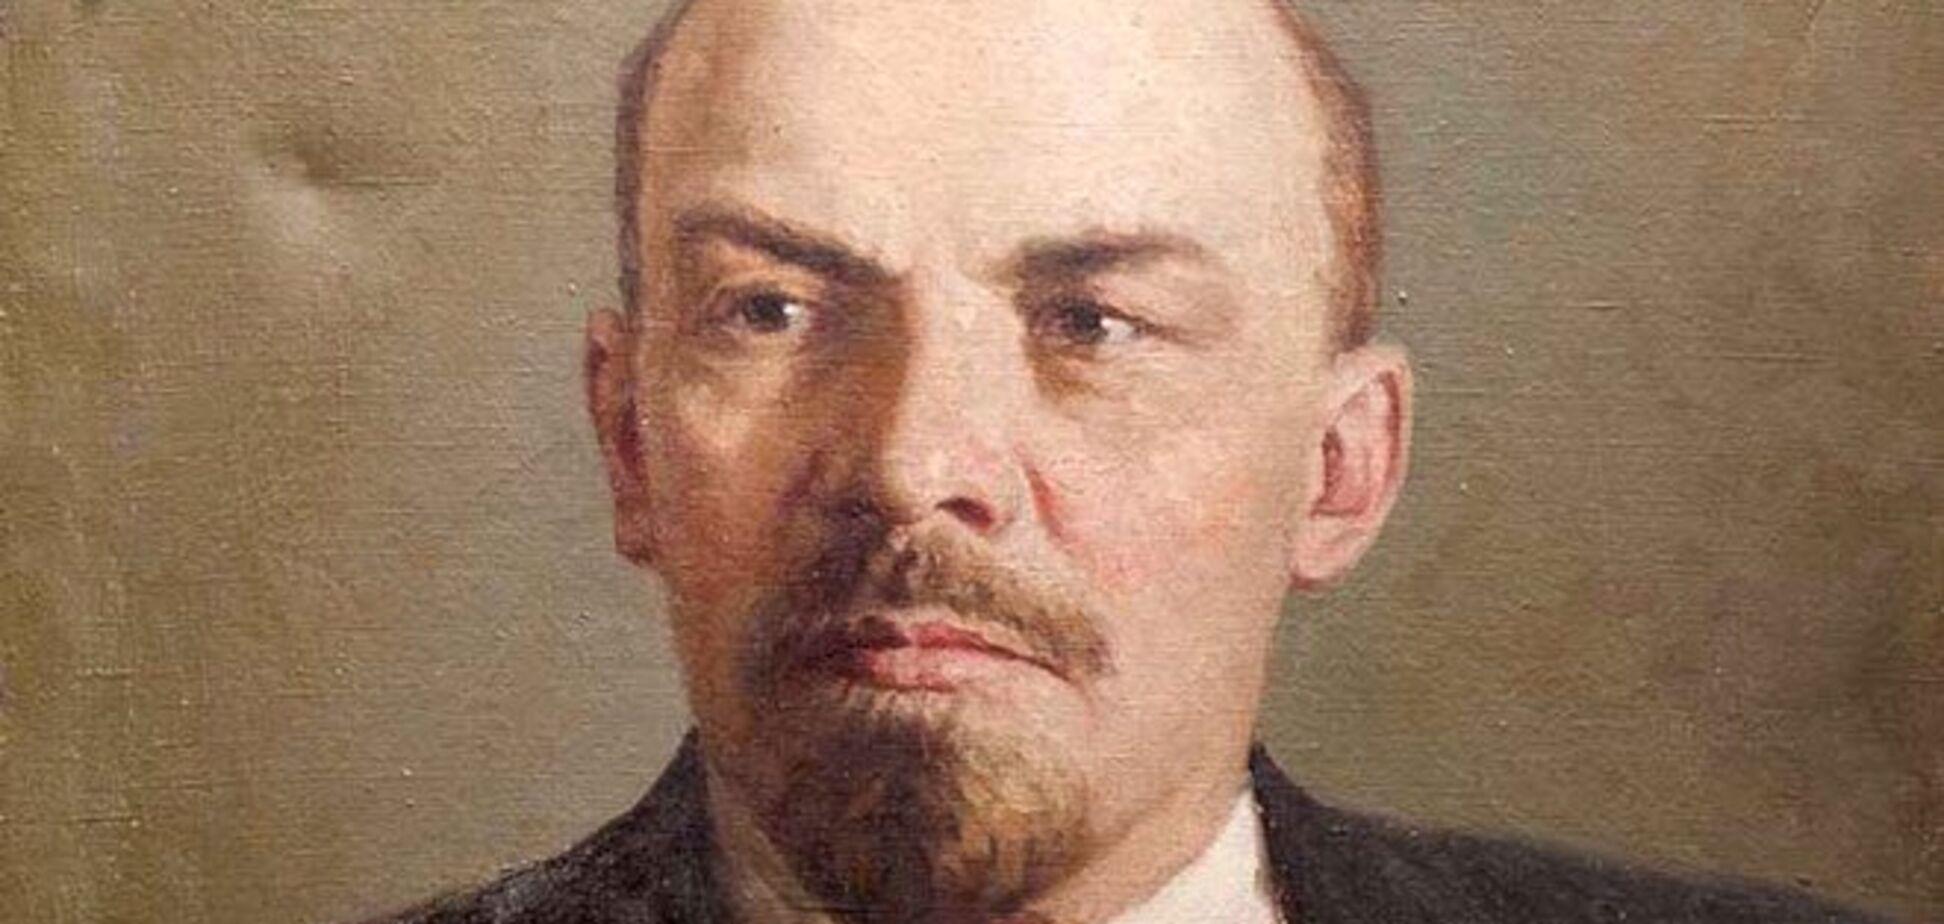 'Градус досягне максимуму': в Росії вказали на небезпеку через тіло Леніна